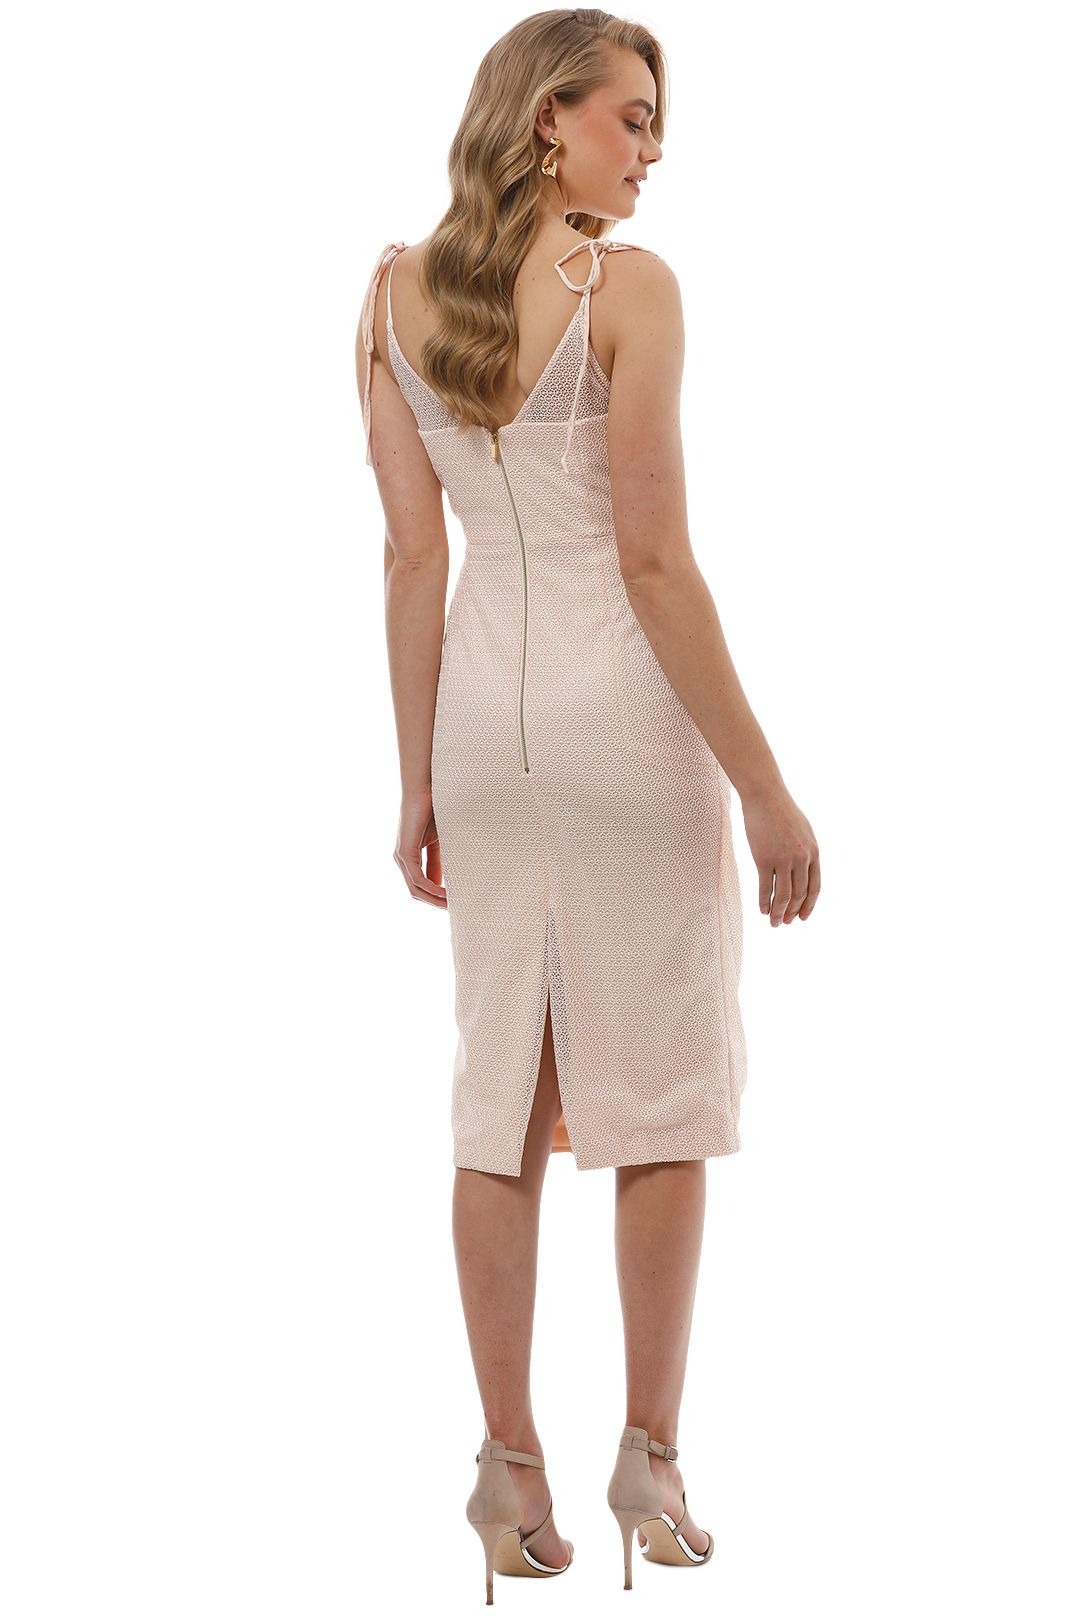 Rebecca Vallance - Avignon Dress - Nude - Back